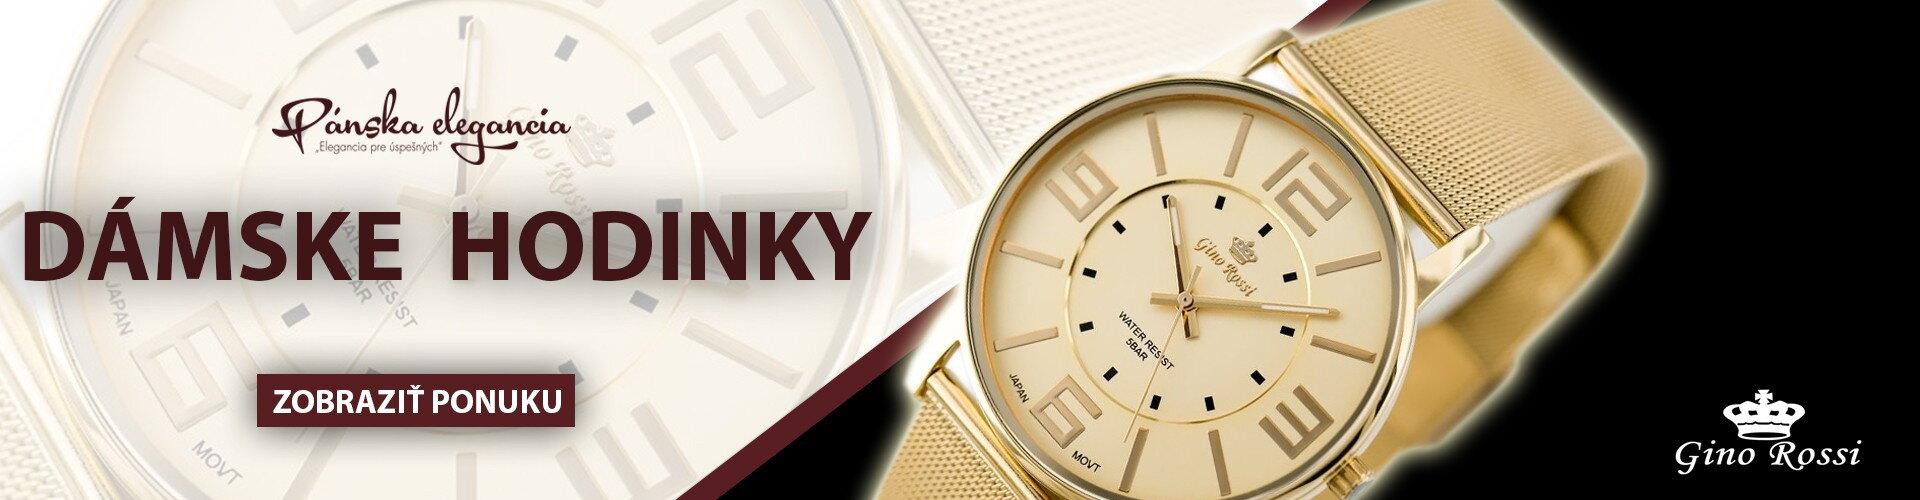 Dámske hodinky – štýlové a elegantné  b75f77b24e4